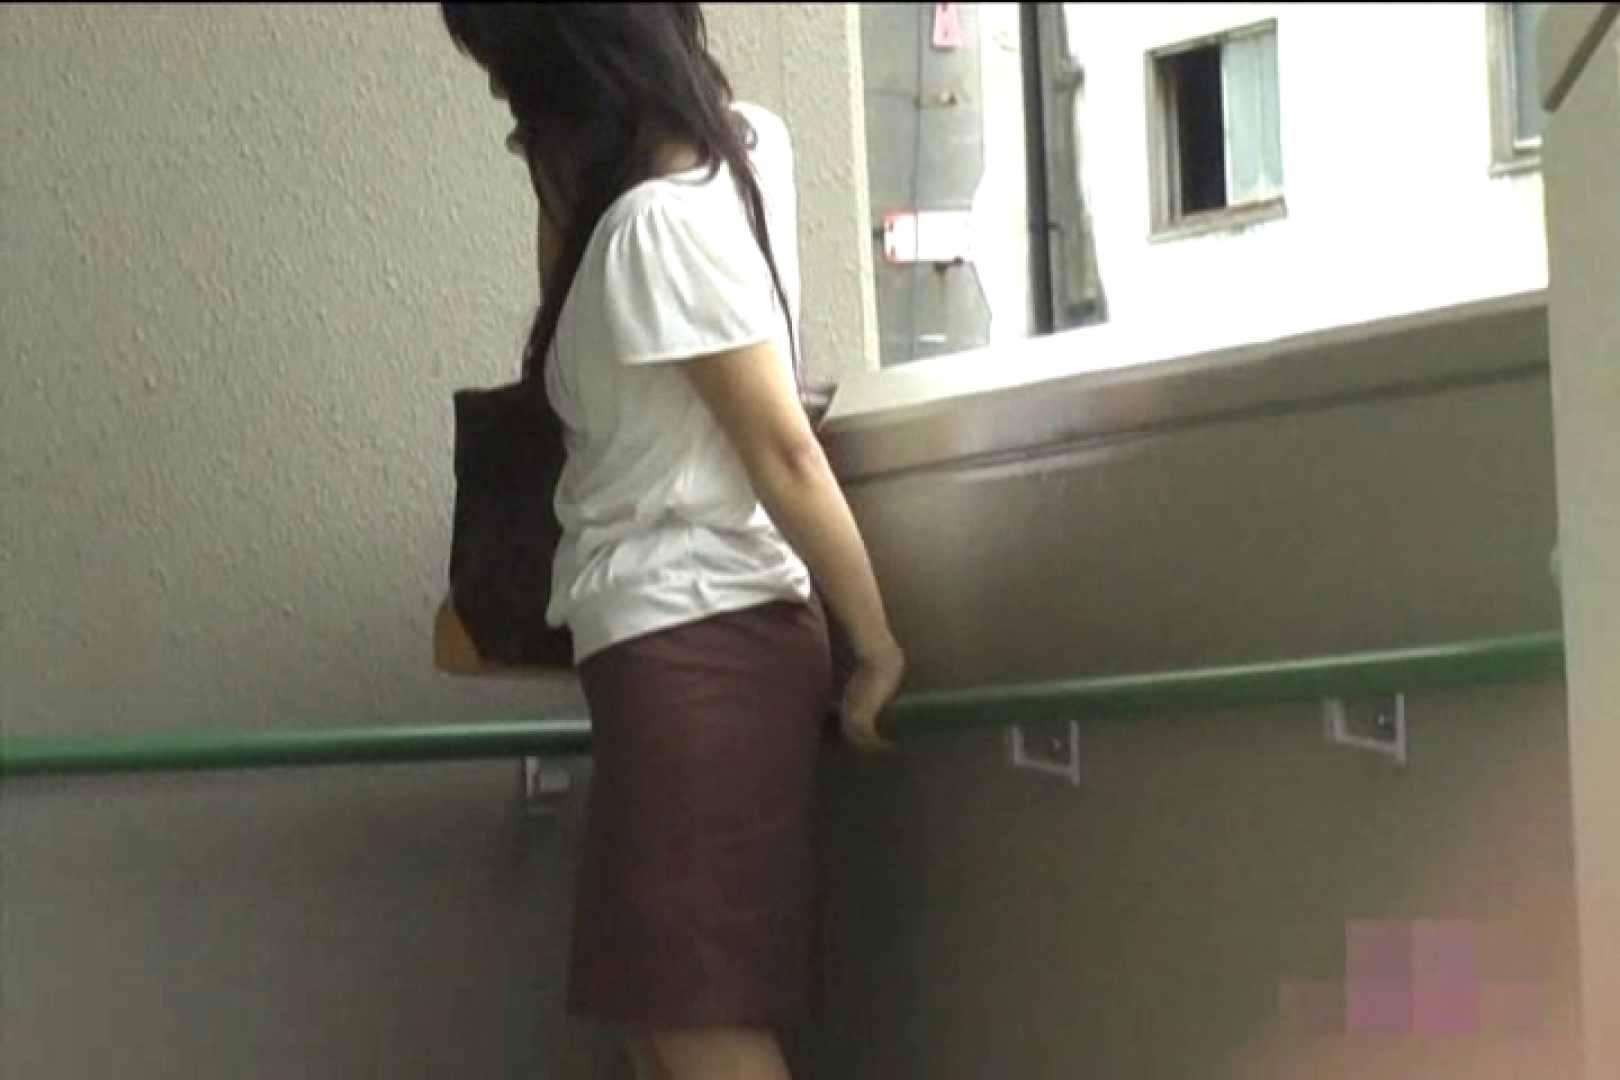 検証!隠し撮りスカートめくり!!Vol.4 ギャル | OLヌード天国  68PIX 7